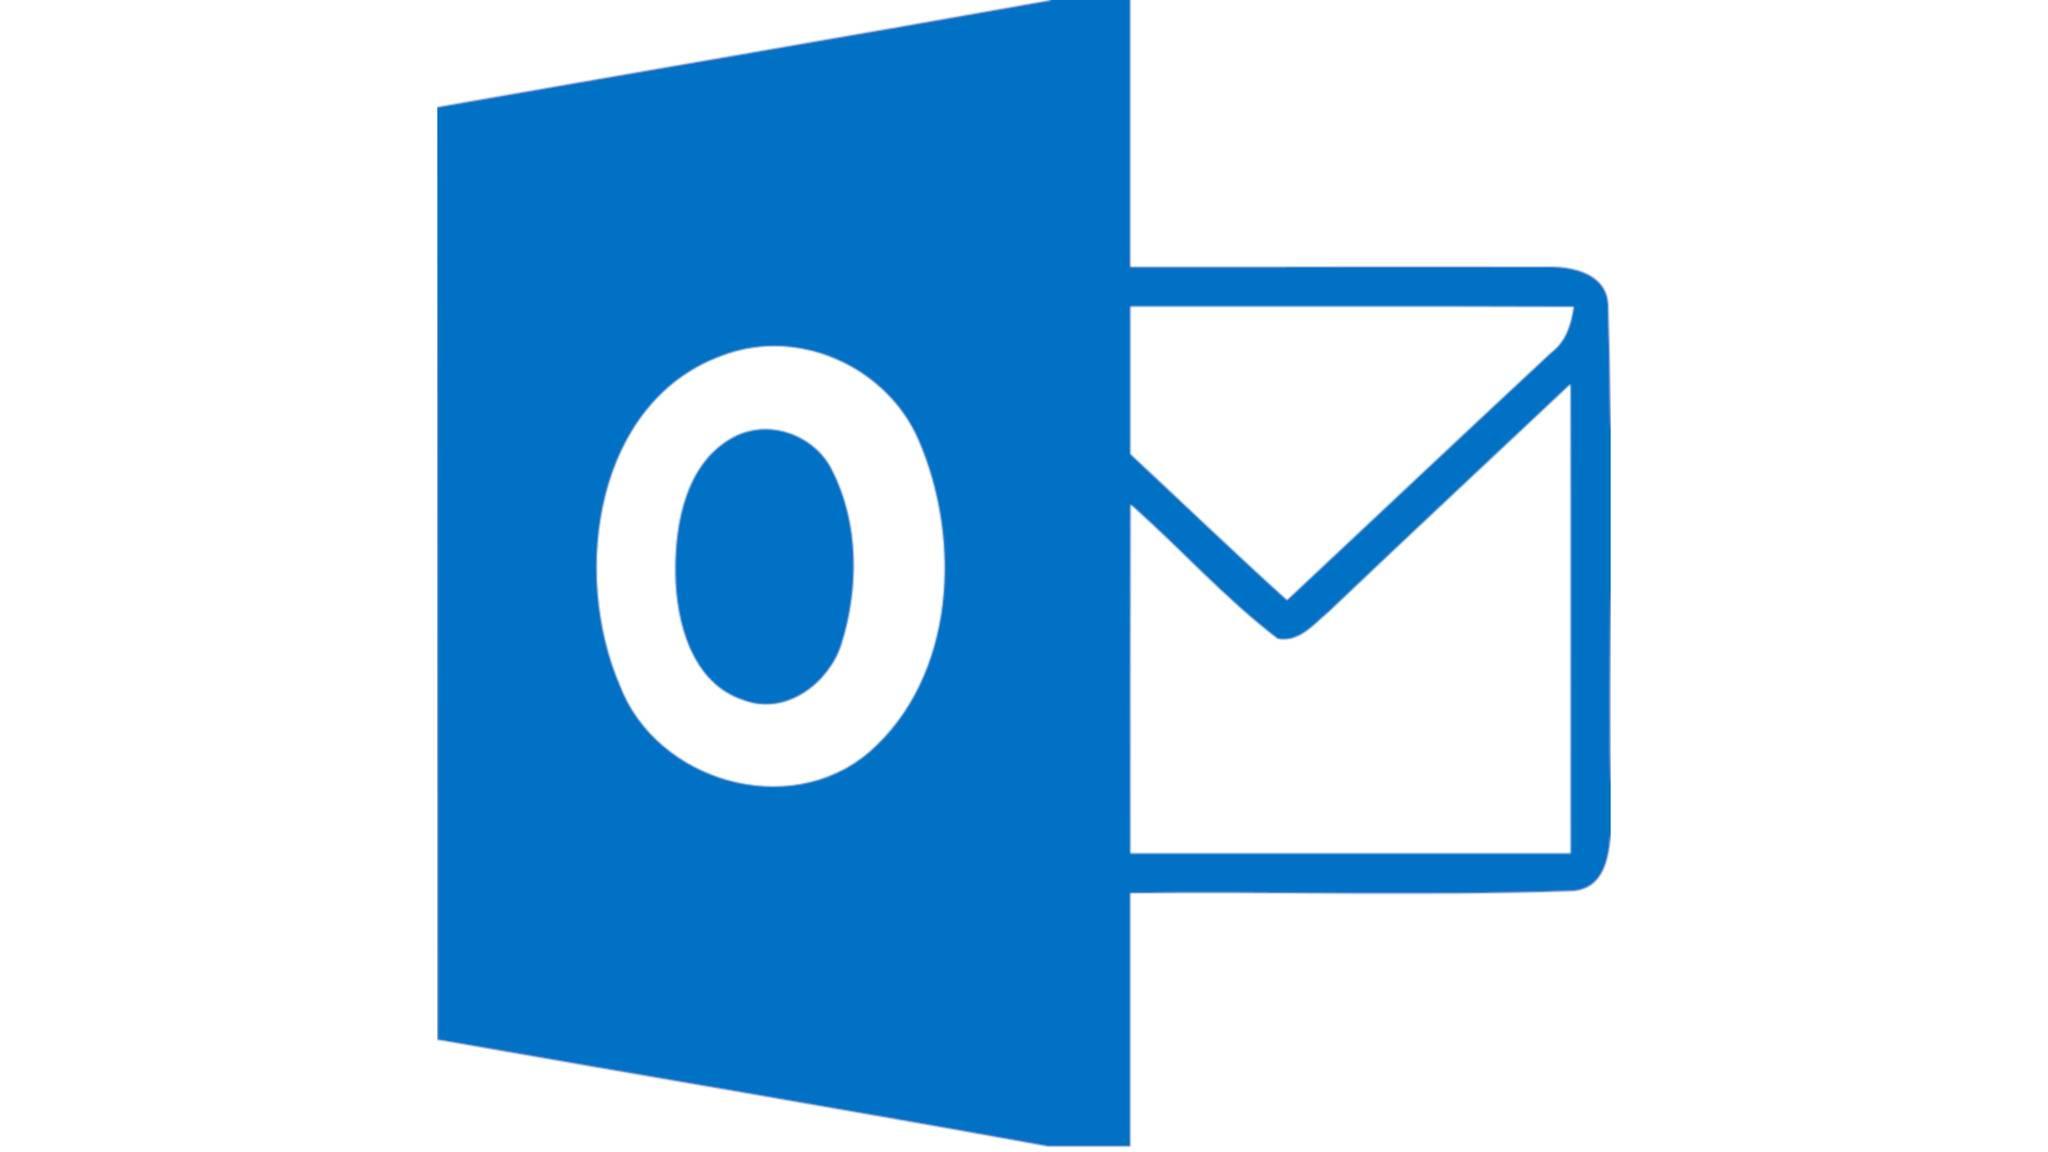 Die Outlook-Suche funktioniert nicht mehr? Dann sieh Dir unsere Lösungsvorschläge an.